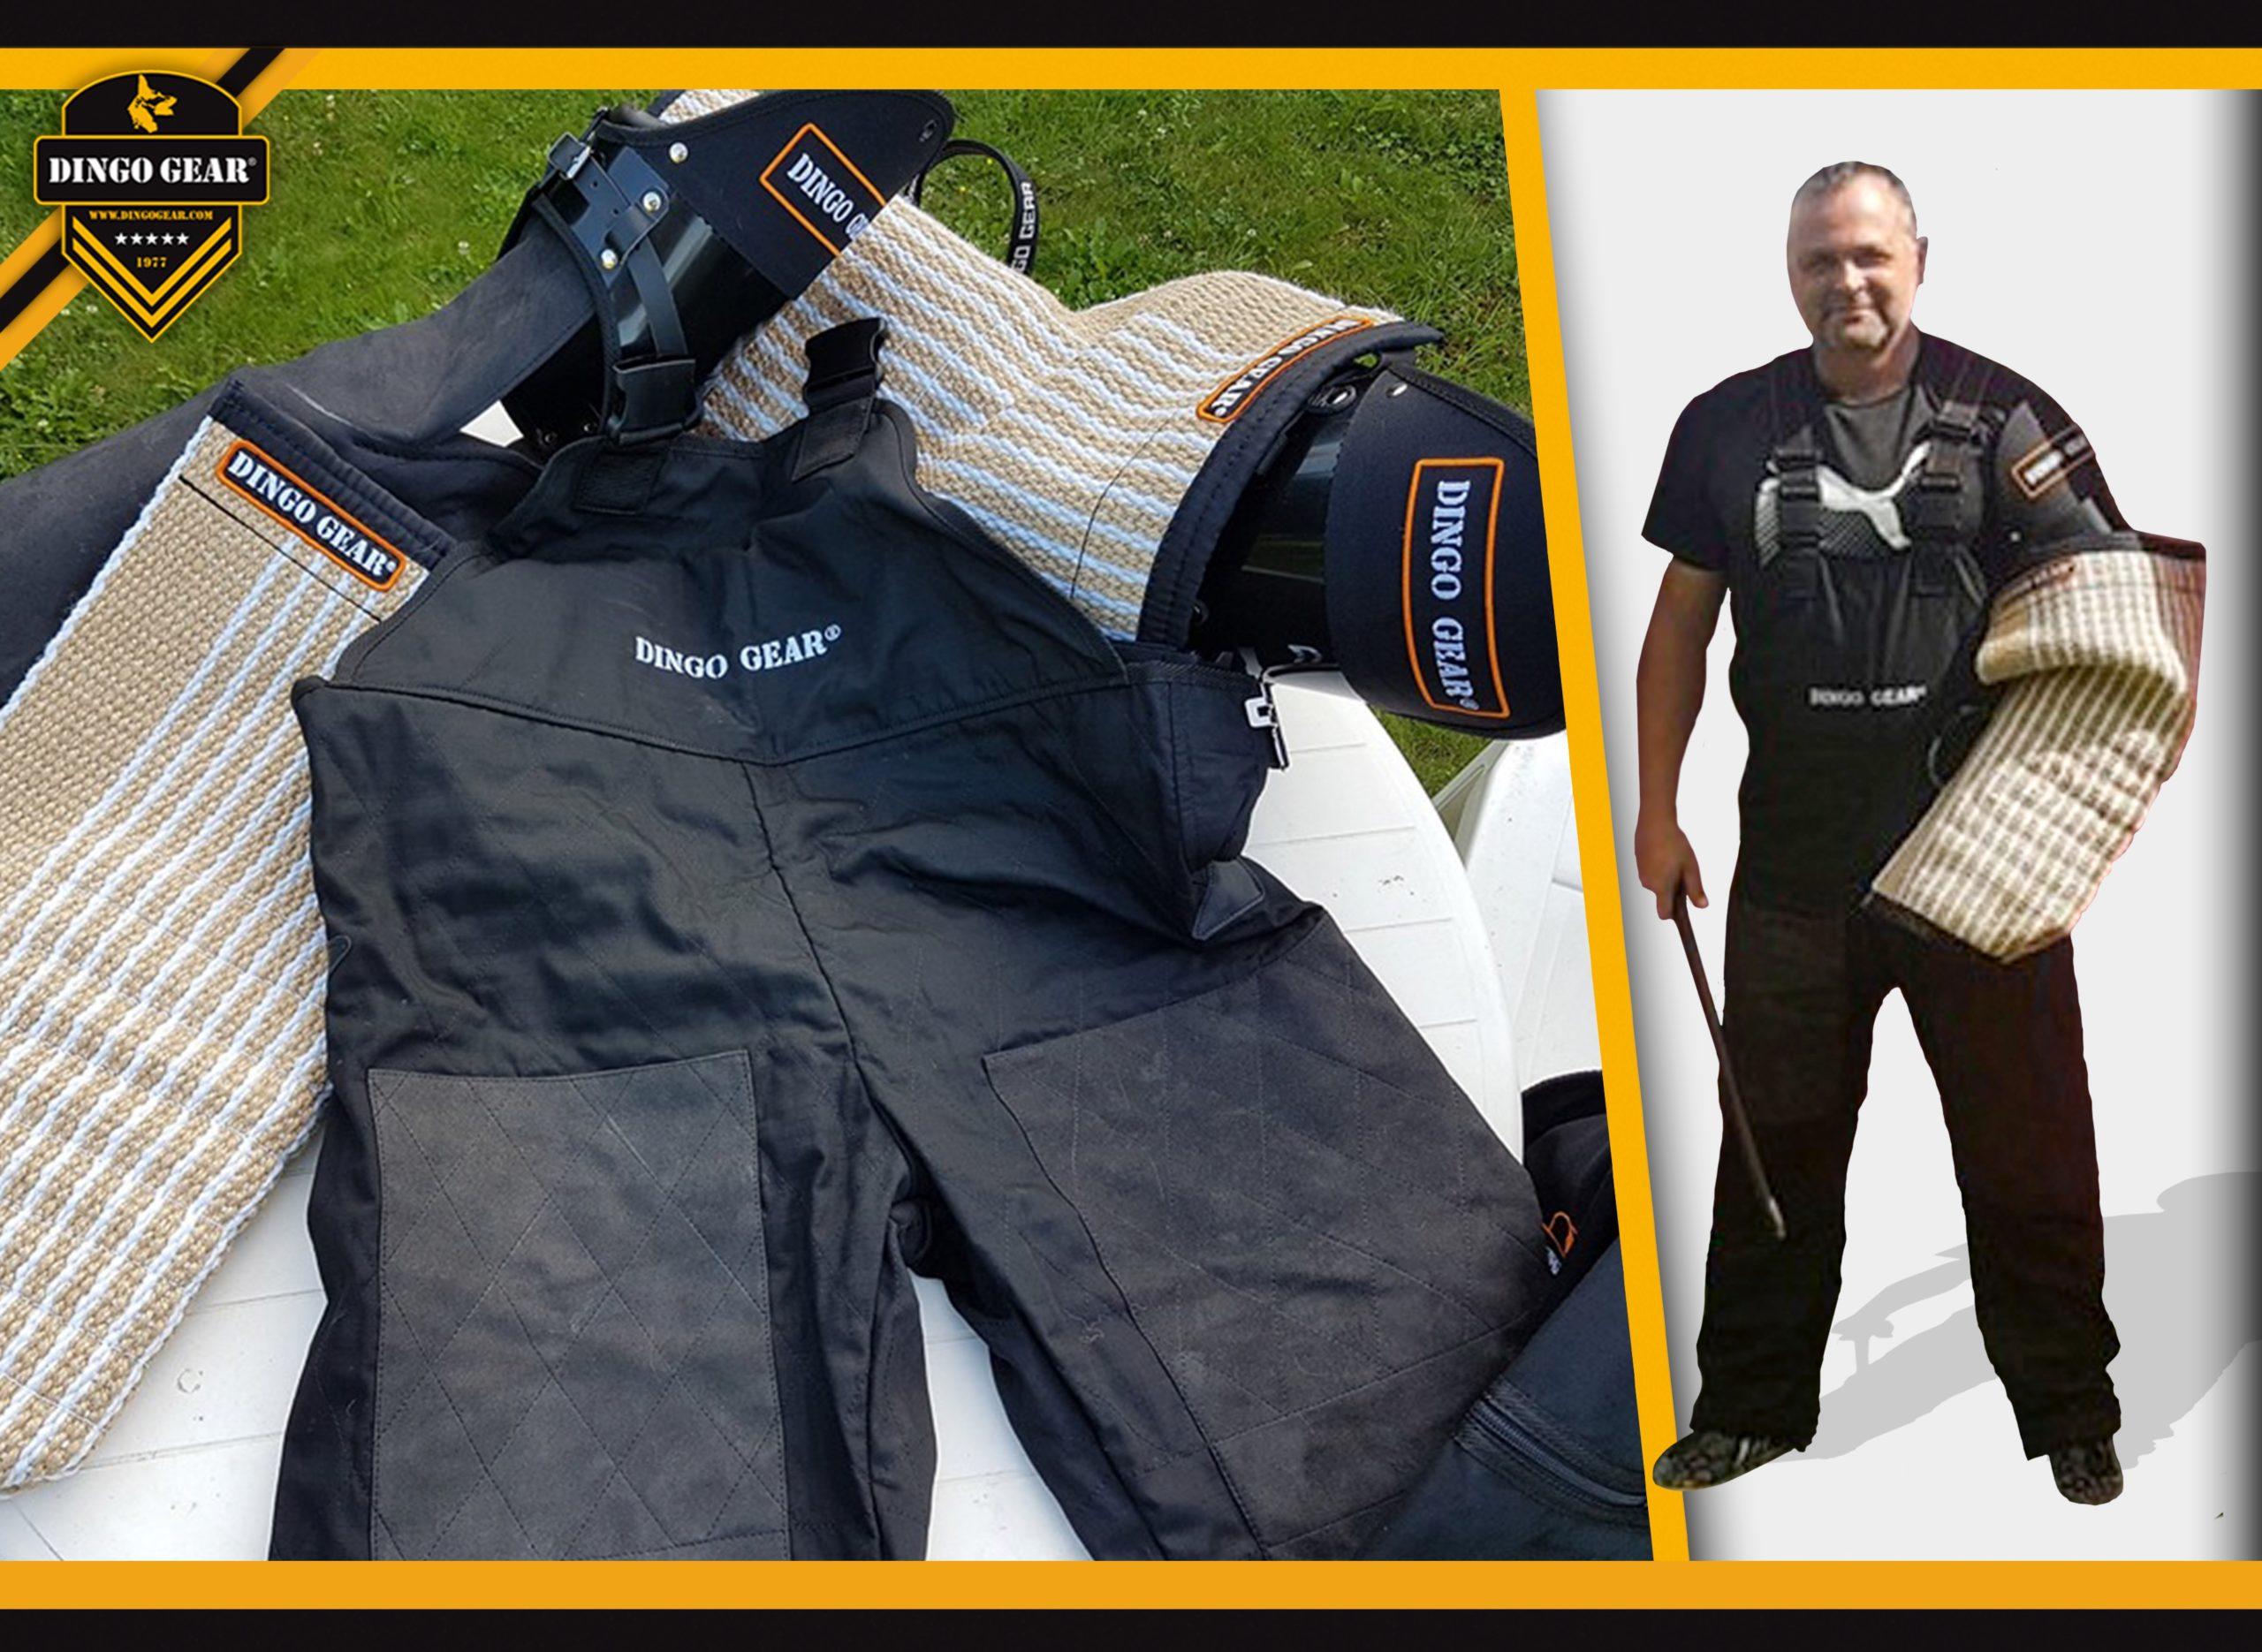 Sprawdź sprzęt i strój pozoranta od Dingo Gear